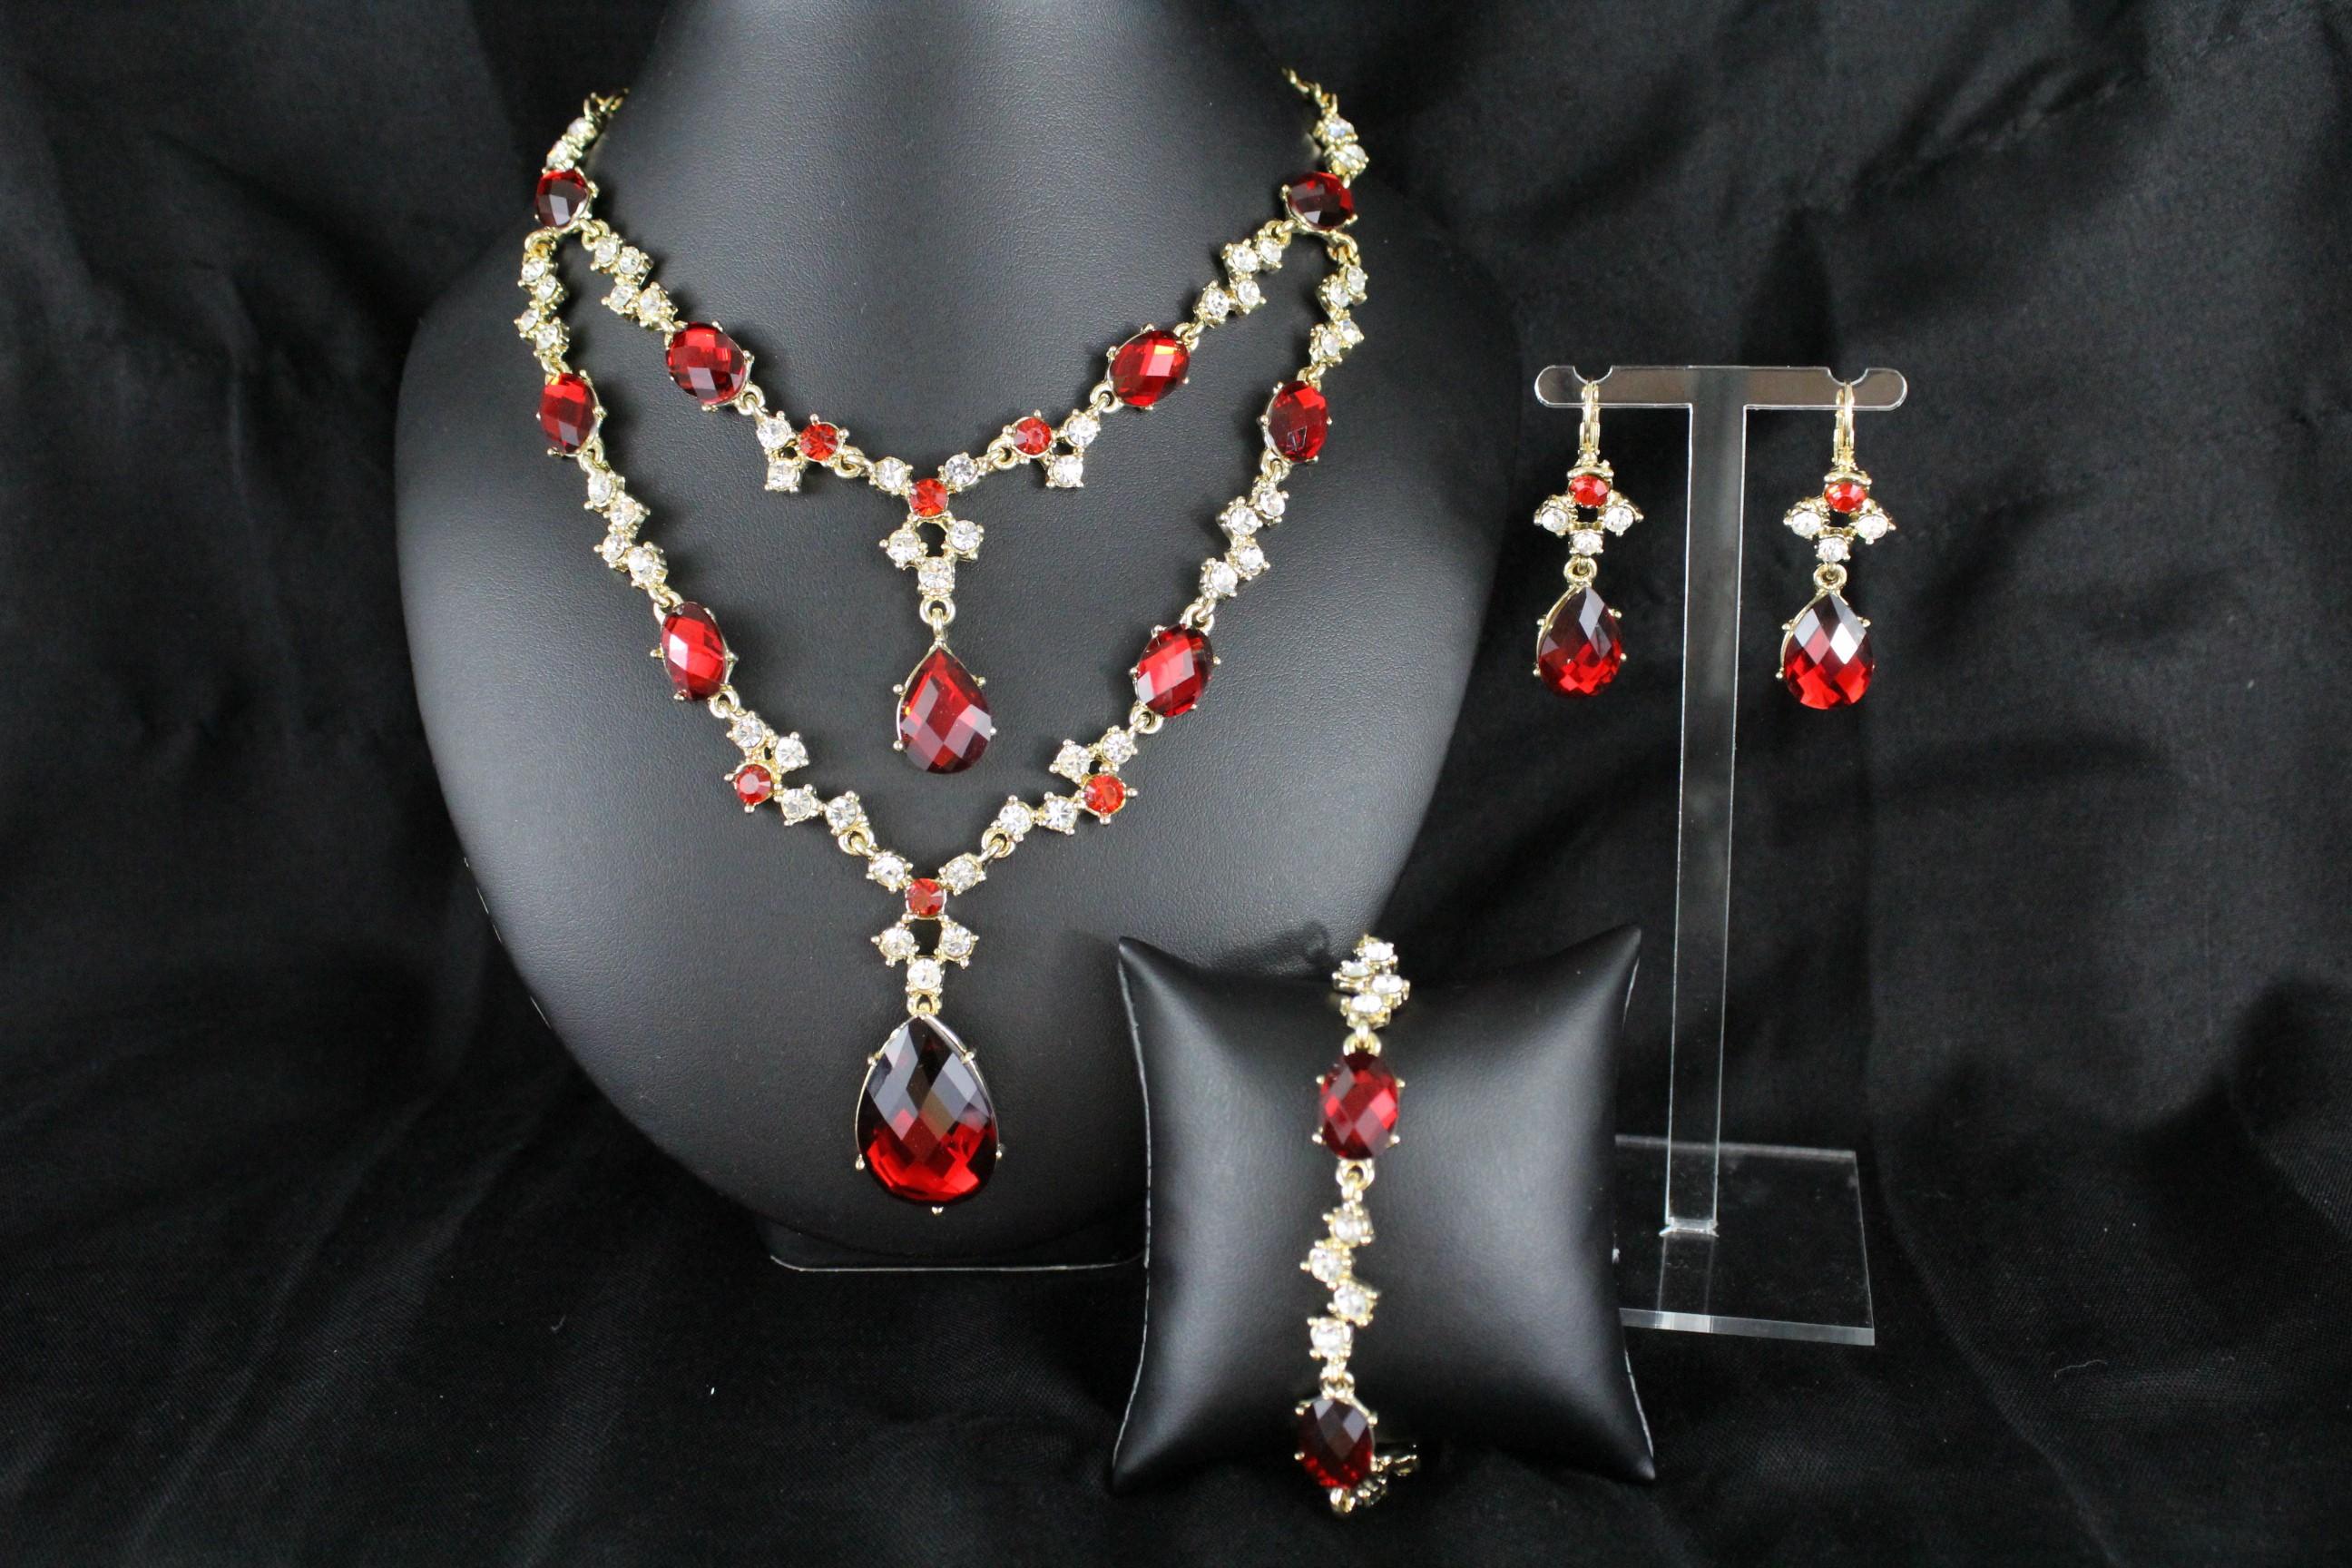 achat parure bijoux orientaux de mariage pas cher pour femme collier bracelet boucles doreilles - Parure Mariage Oriental Pas Cher